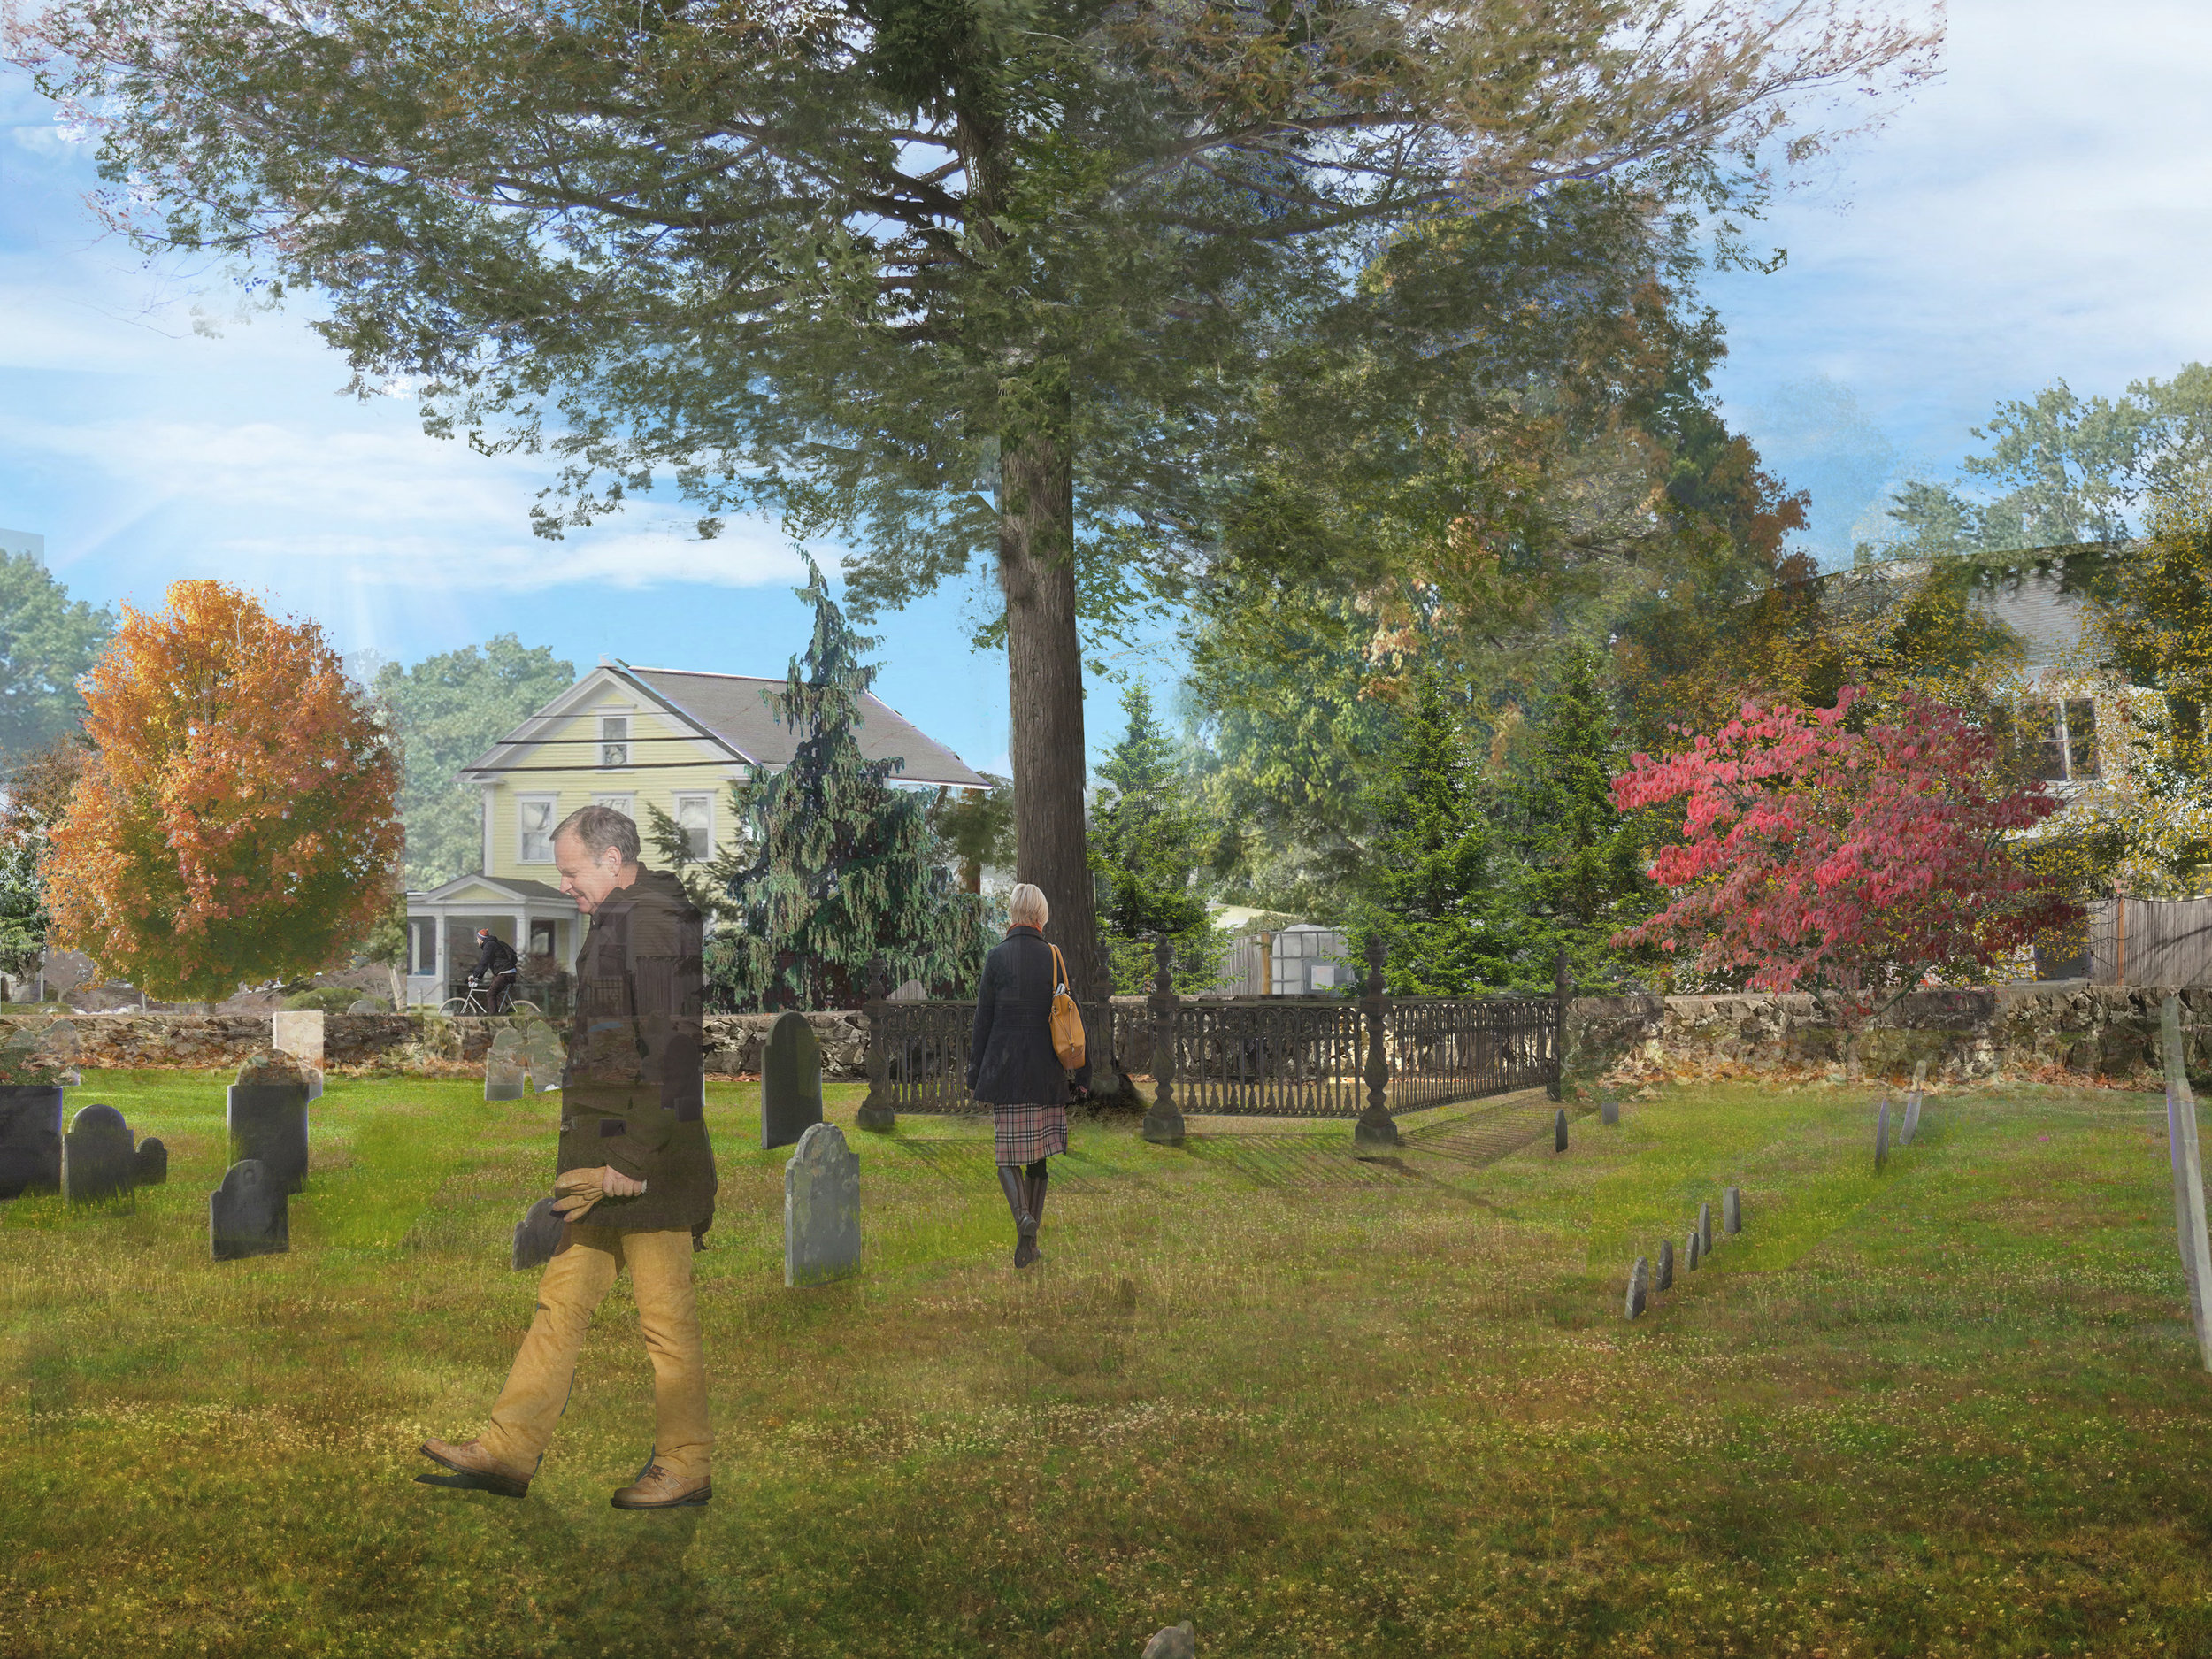 Old Village Cemetery Rendering by Halvorson Design